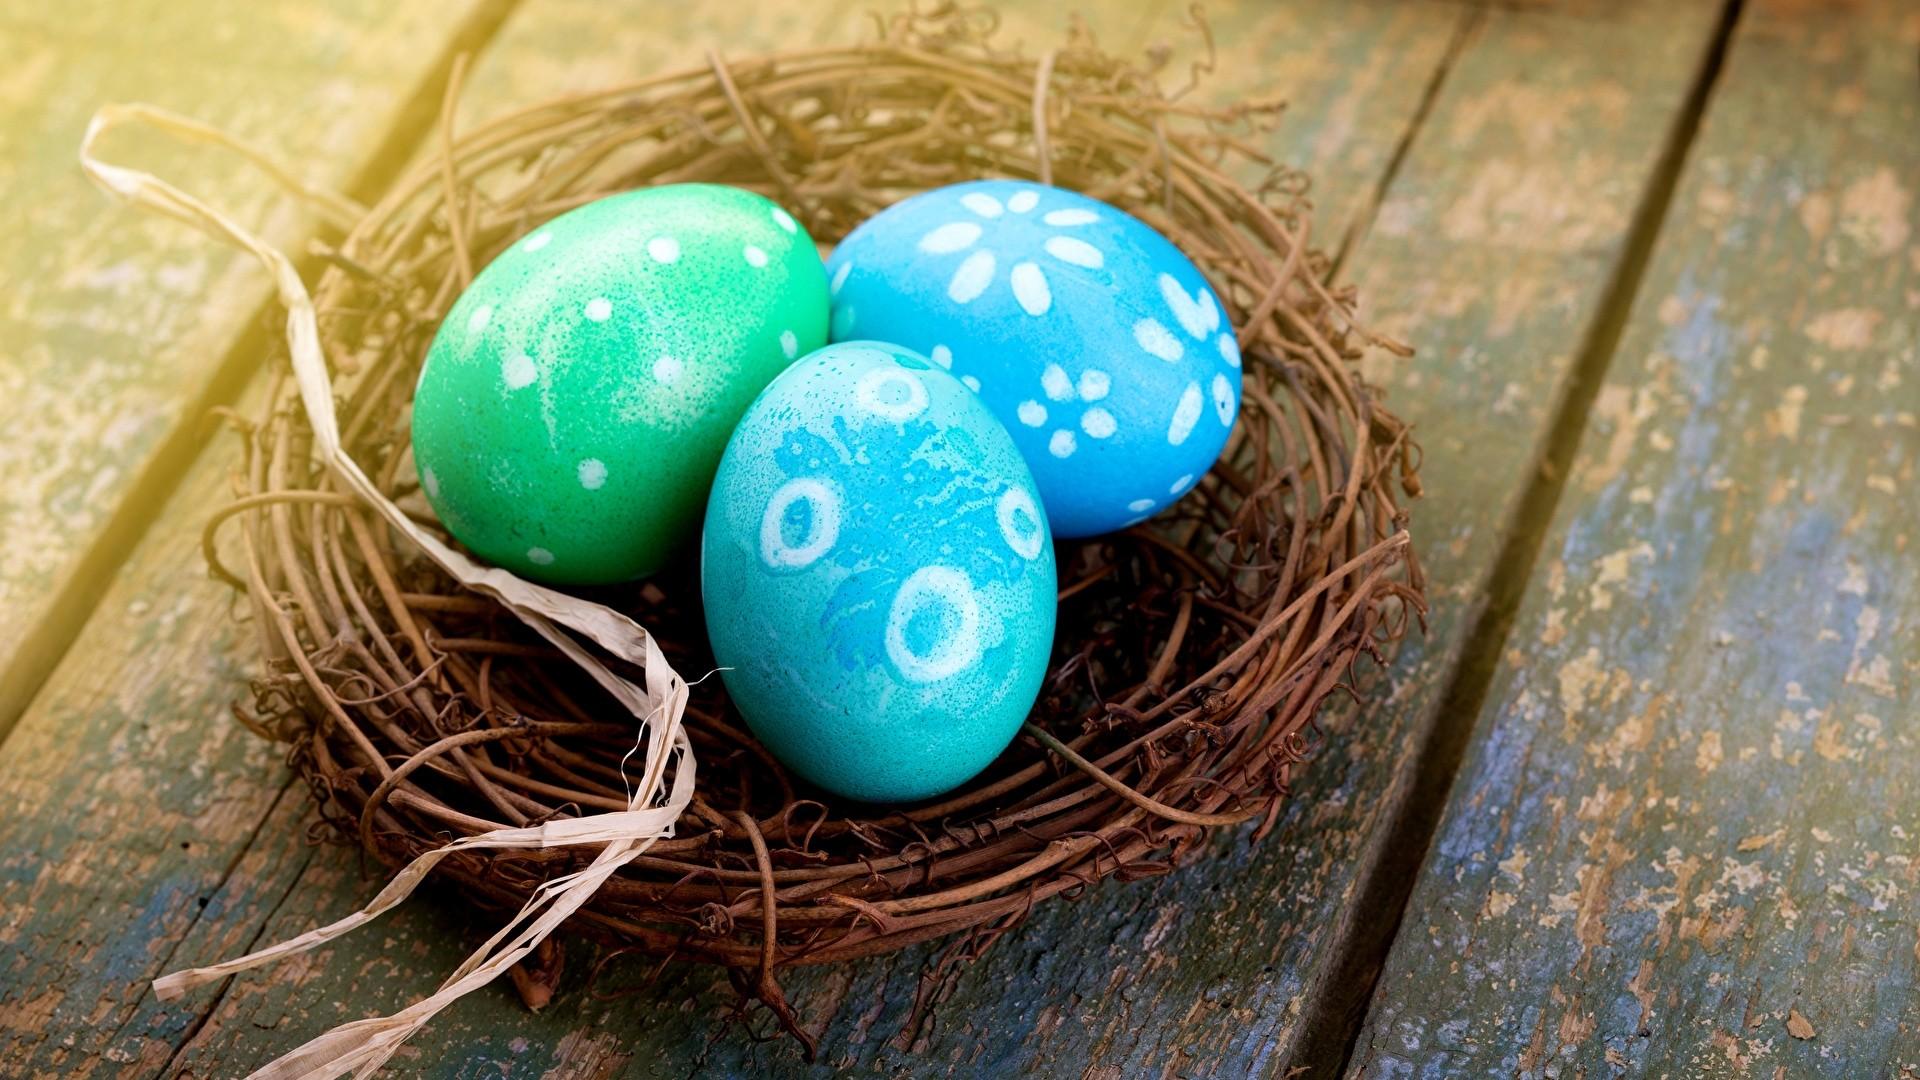 Easter Egg Decoration Download Full